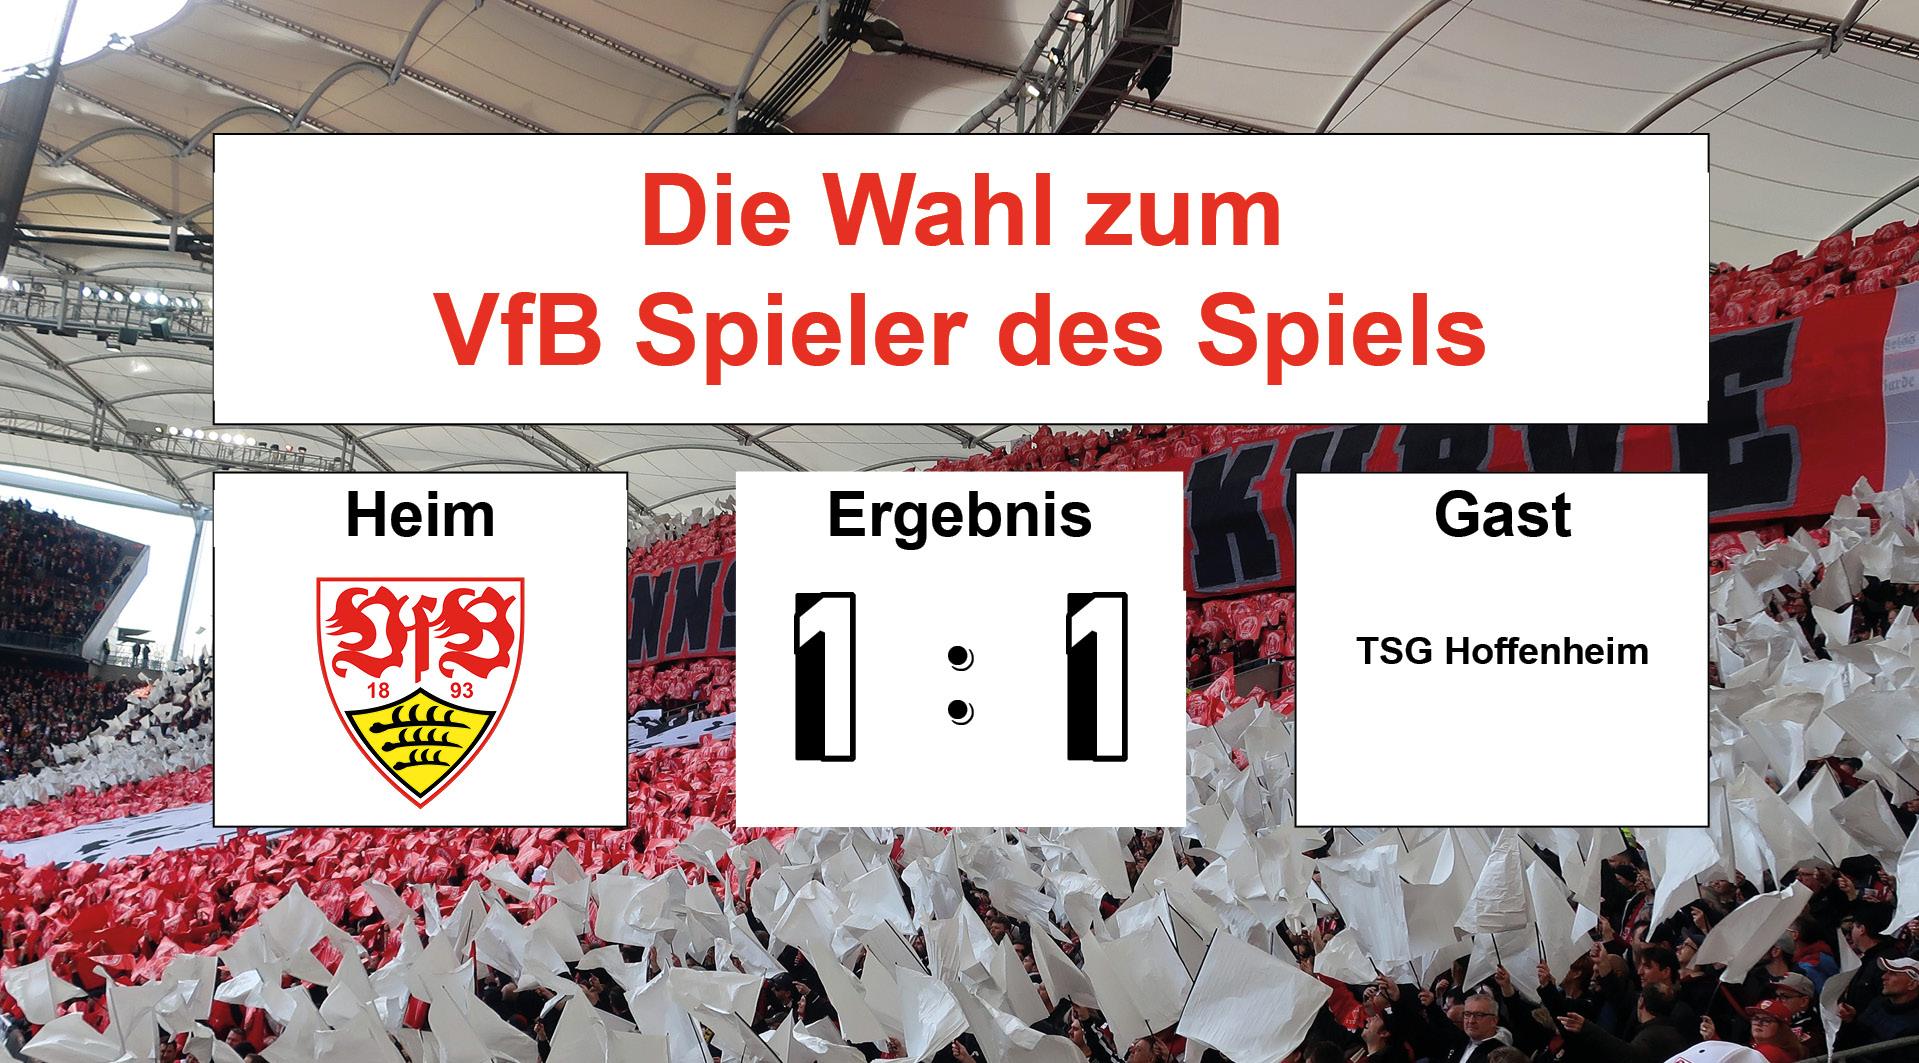 Wahl zum VfB Spieler des Spiels #VfBTSG 16.03.2019